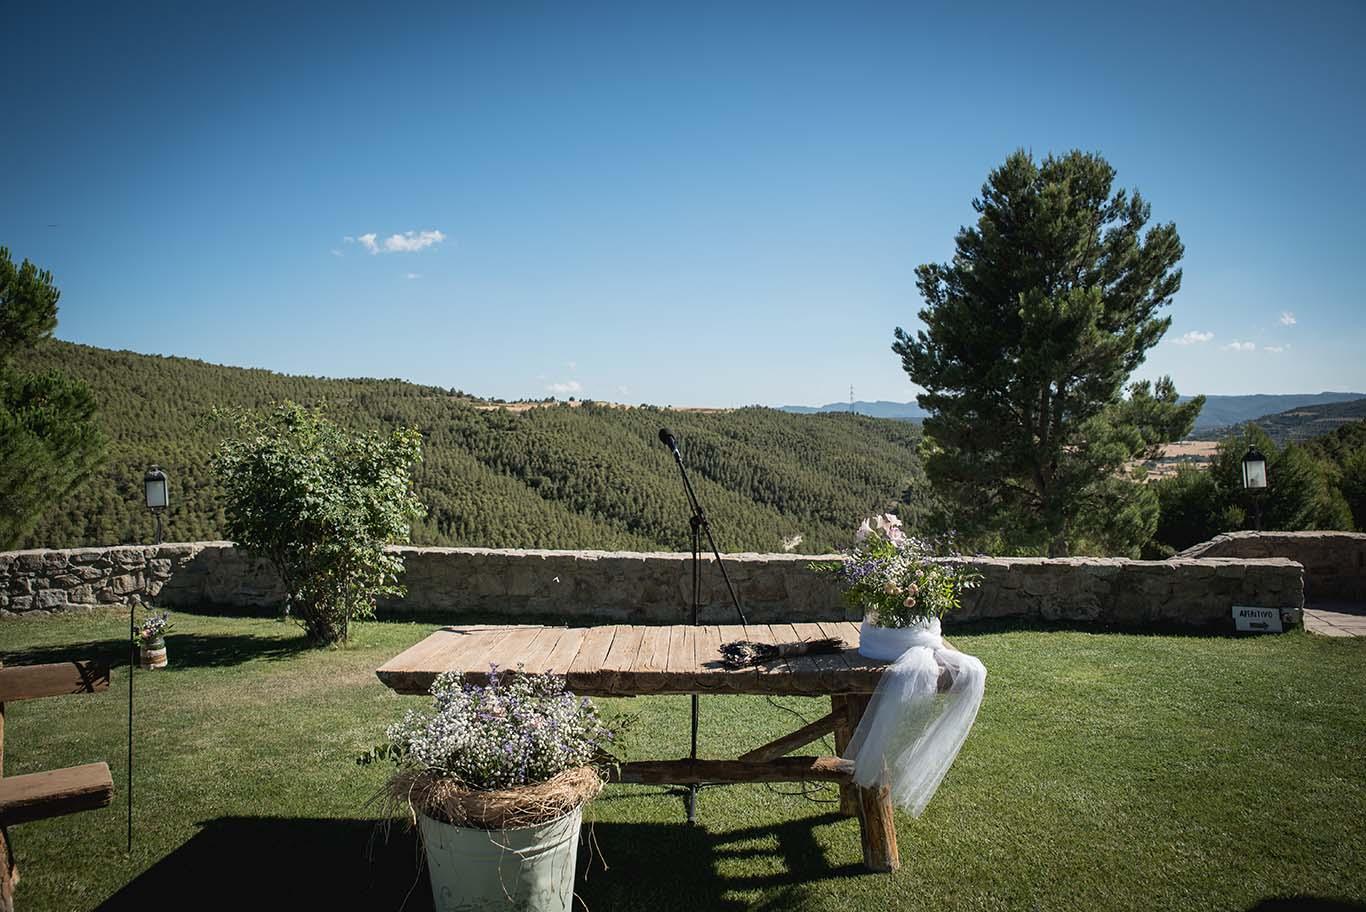 Casaments-ca-nalzina-espai-gastronomia82